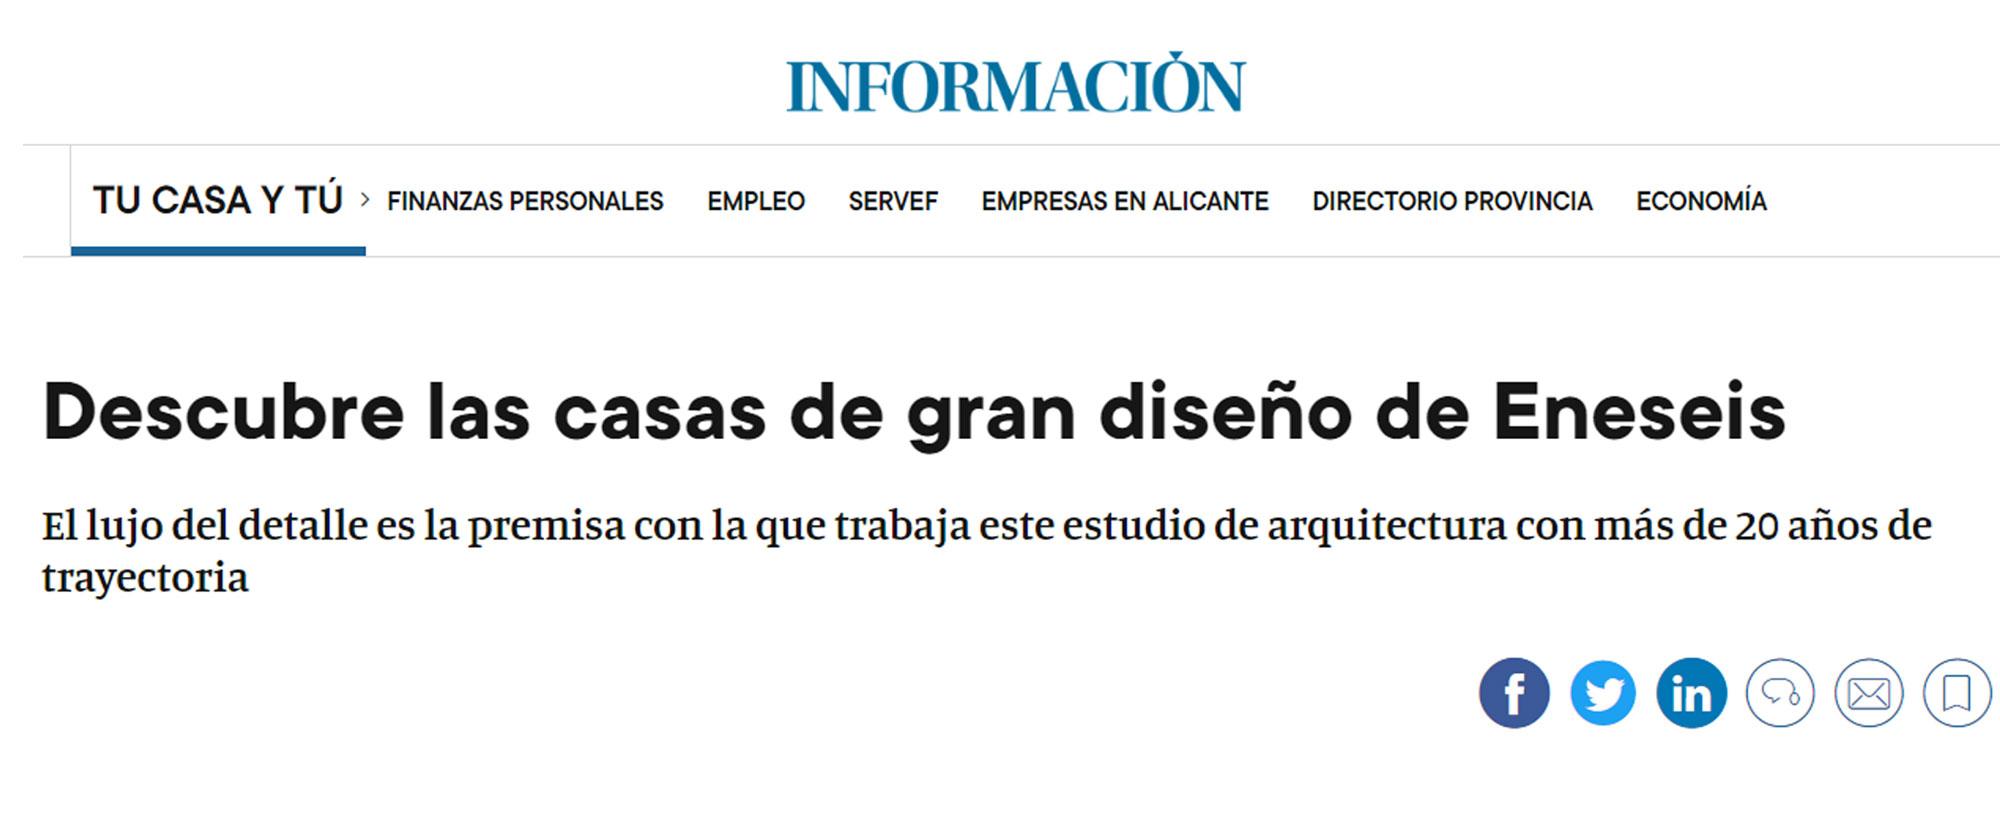 201018_Publicacion-periodico-INFORMACION